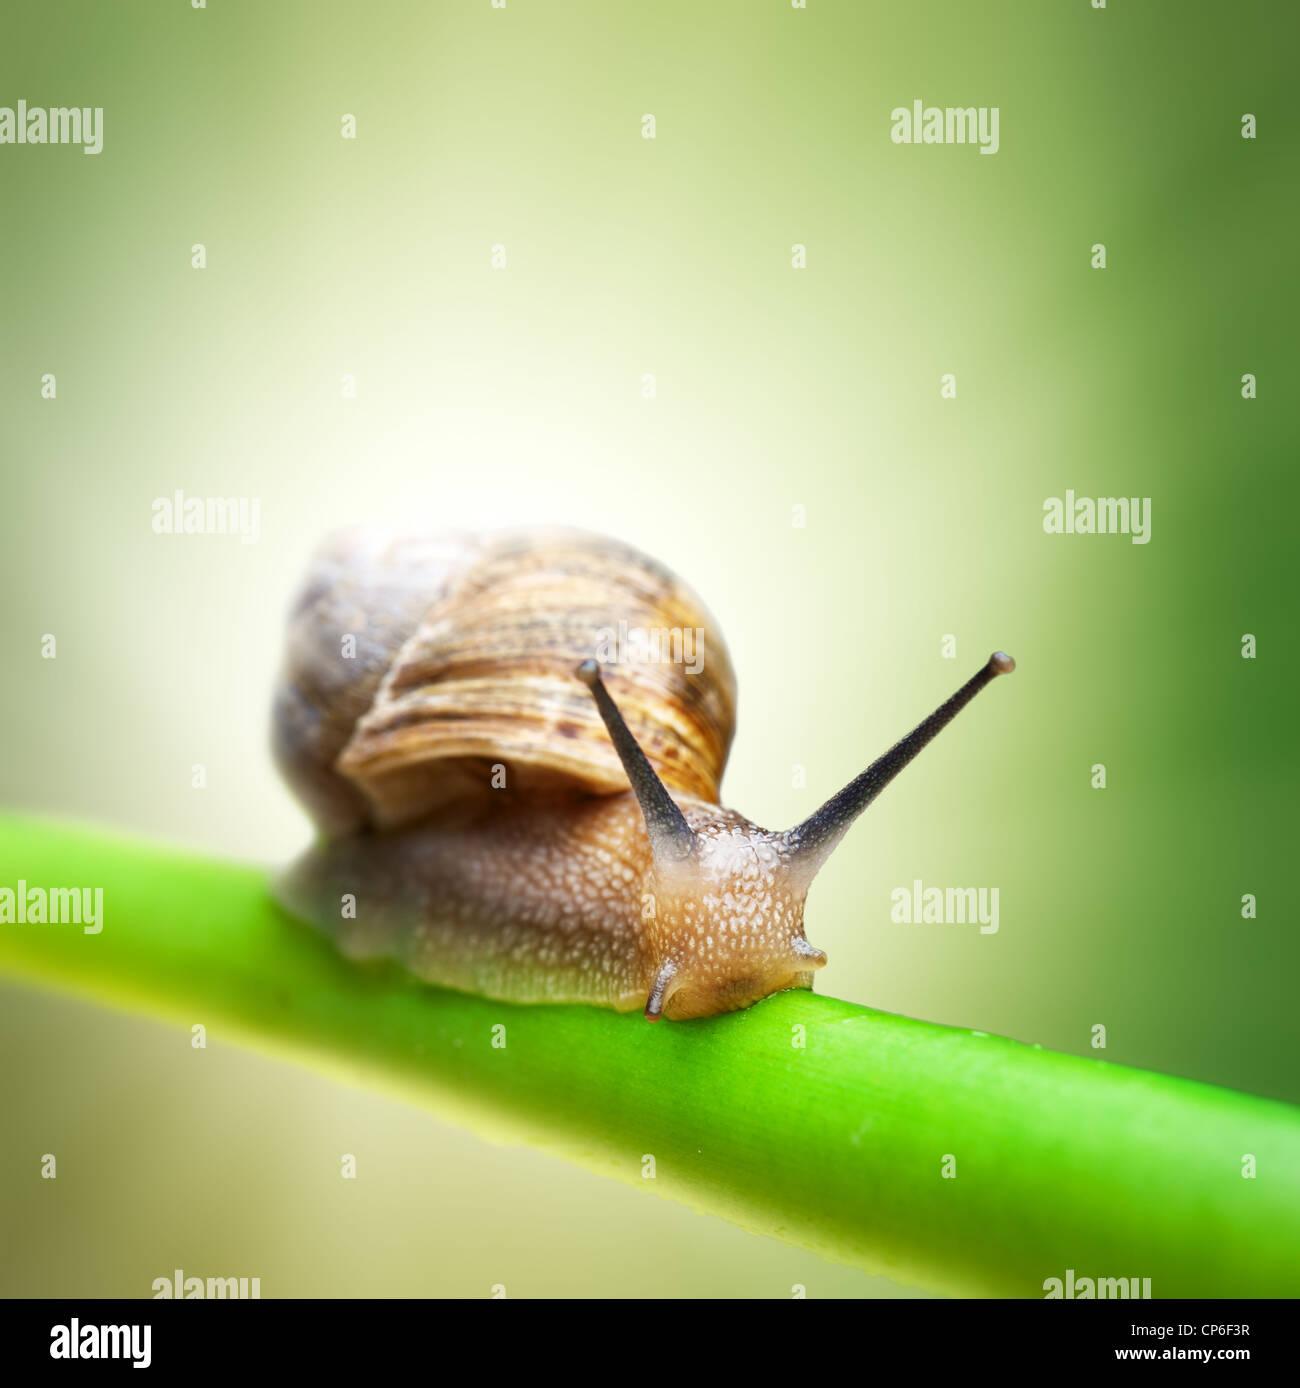 Snail strisciando sul gambo verde Immagini Stock